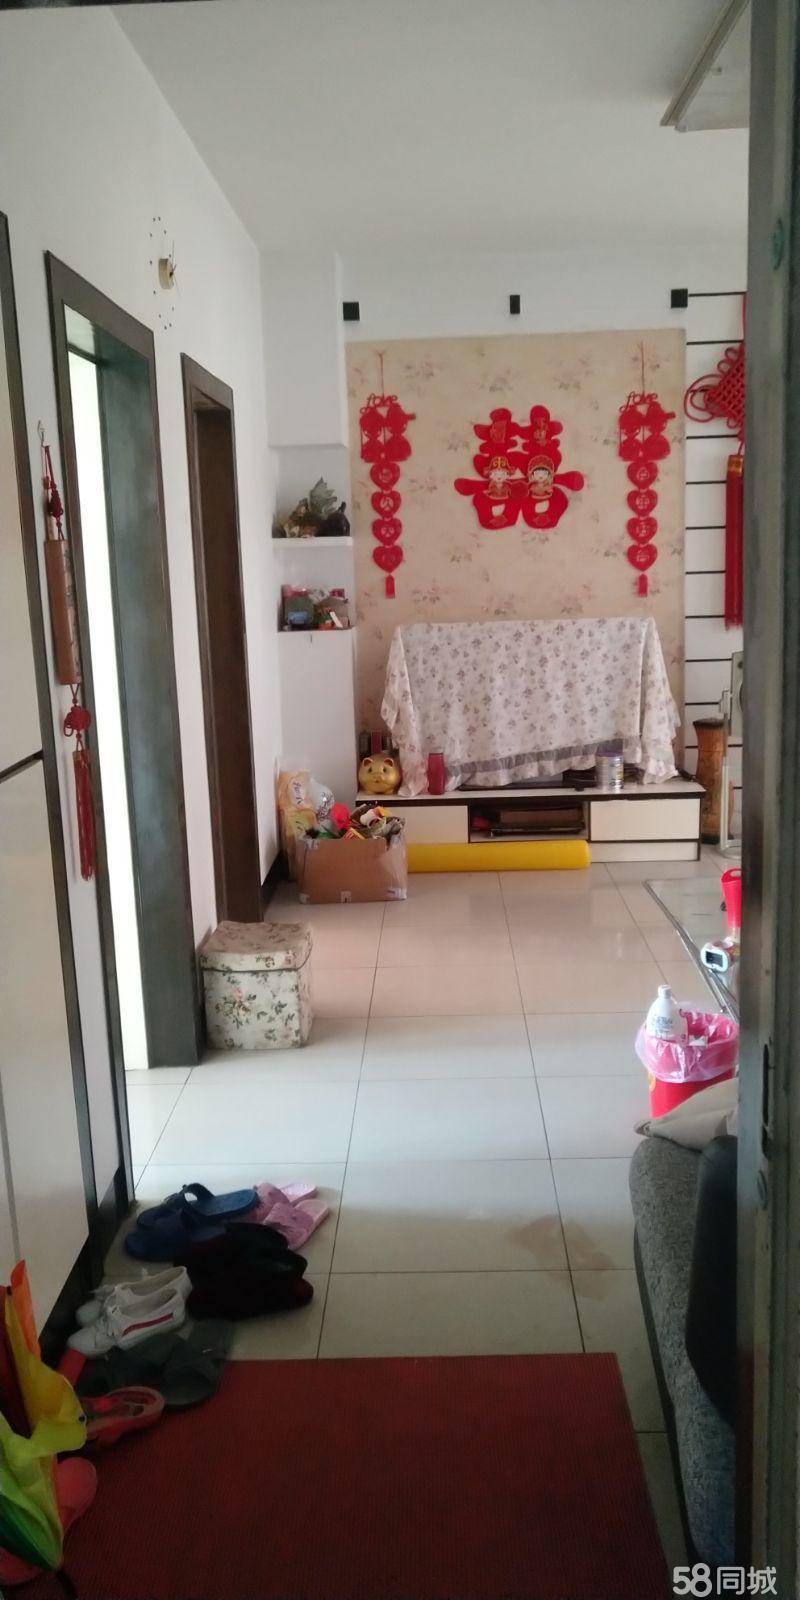 丹江口康乐小区一号院5楼3室2厅1卫100平米